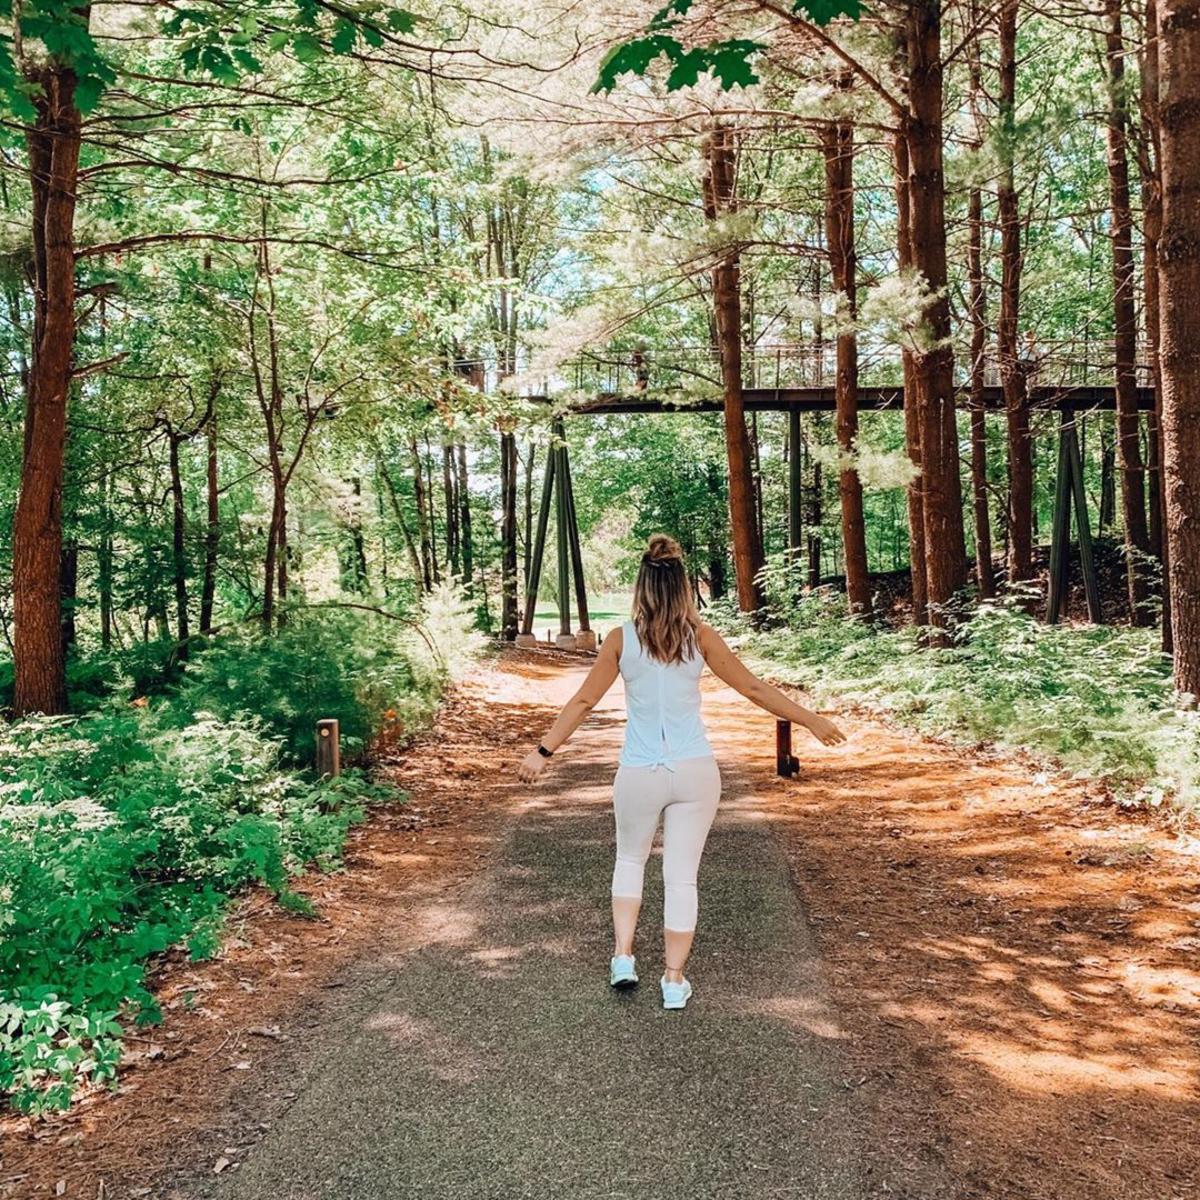 戴着健身器材的女孩在陶氏花园的怀廷森林林荫道散步